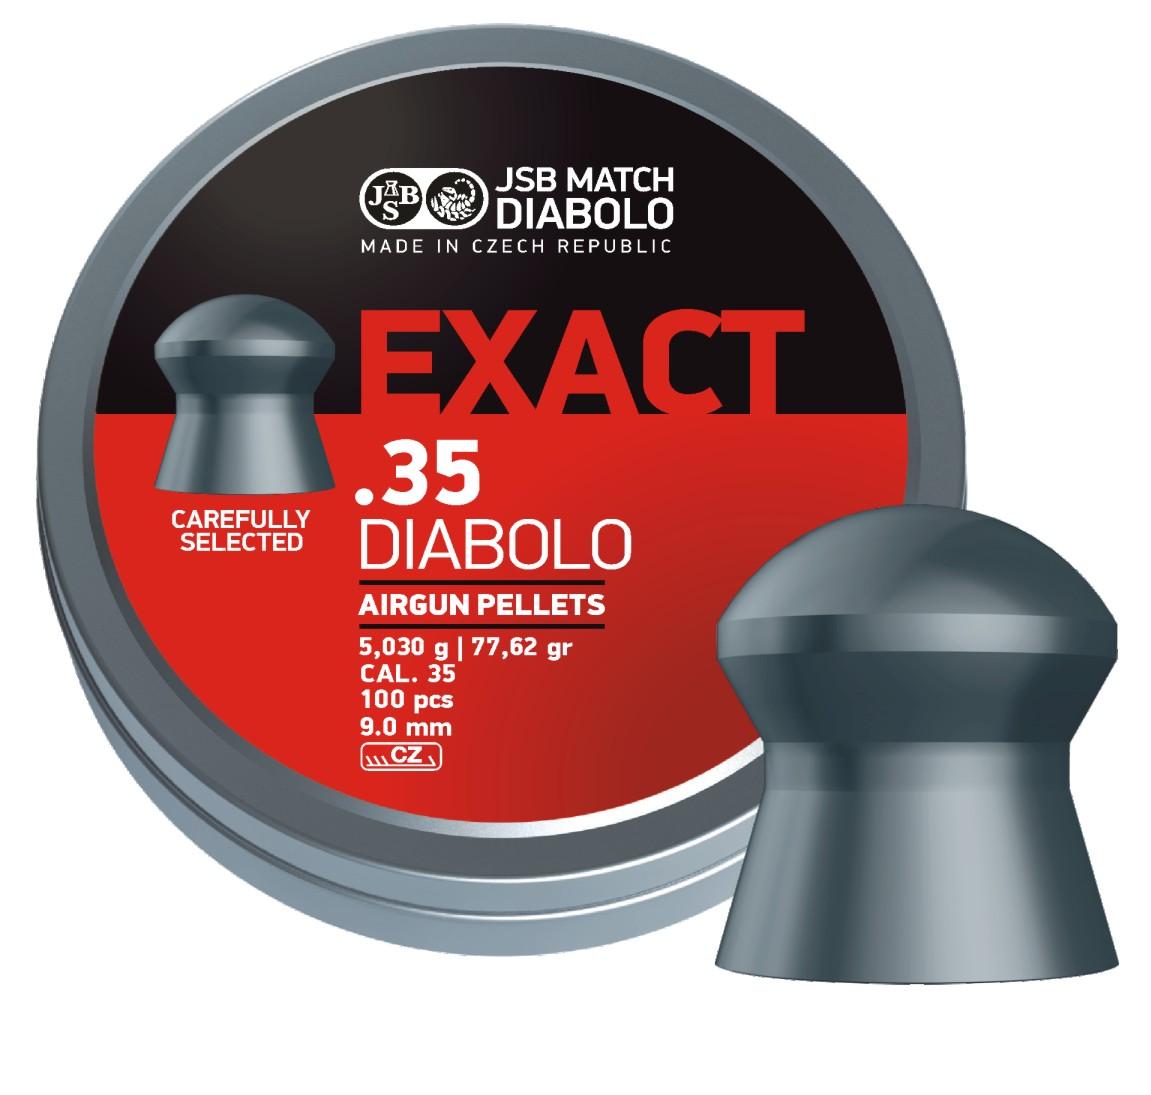 JSB Diabolo Exact .35 (9mm)